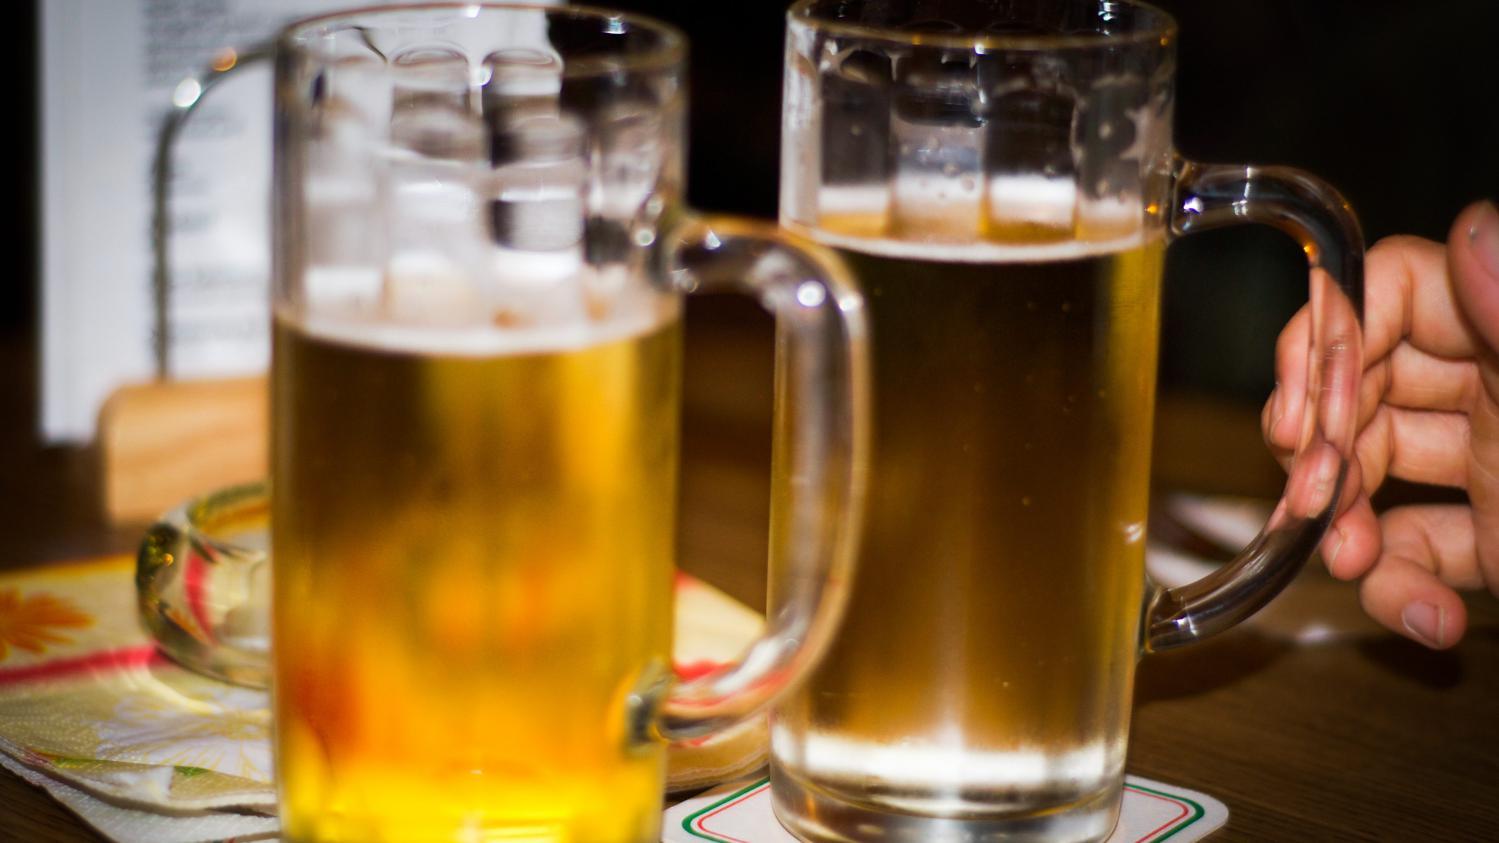 Béziers  il pointe une arme factice sur le patron dun bar, parce quil a refusé de boire un verre avec lui